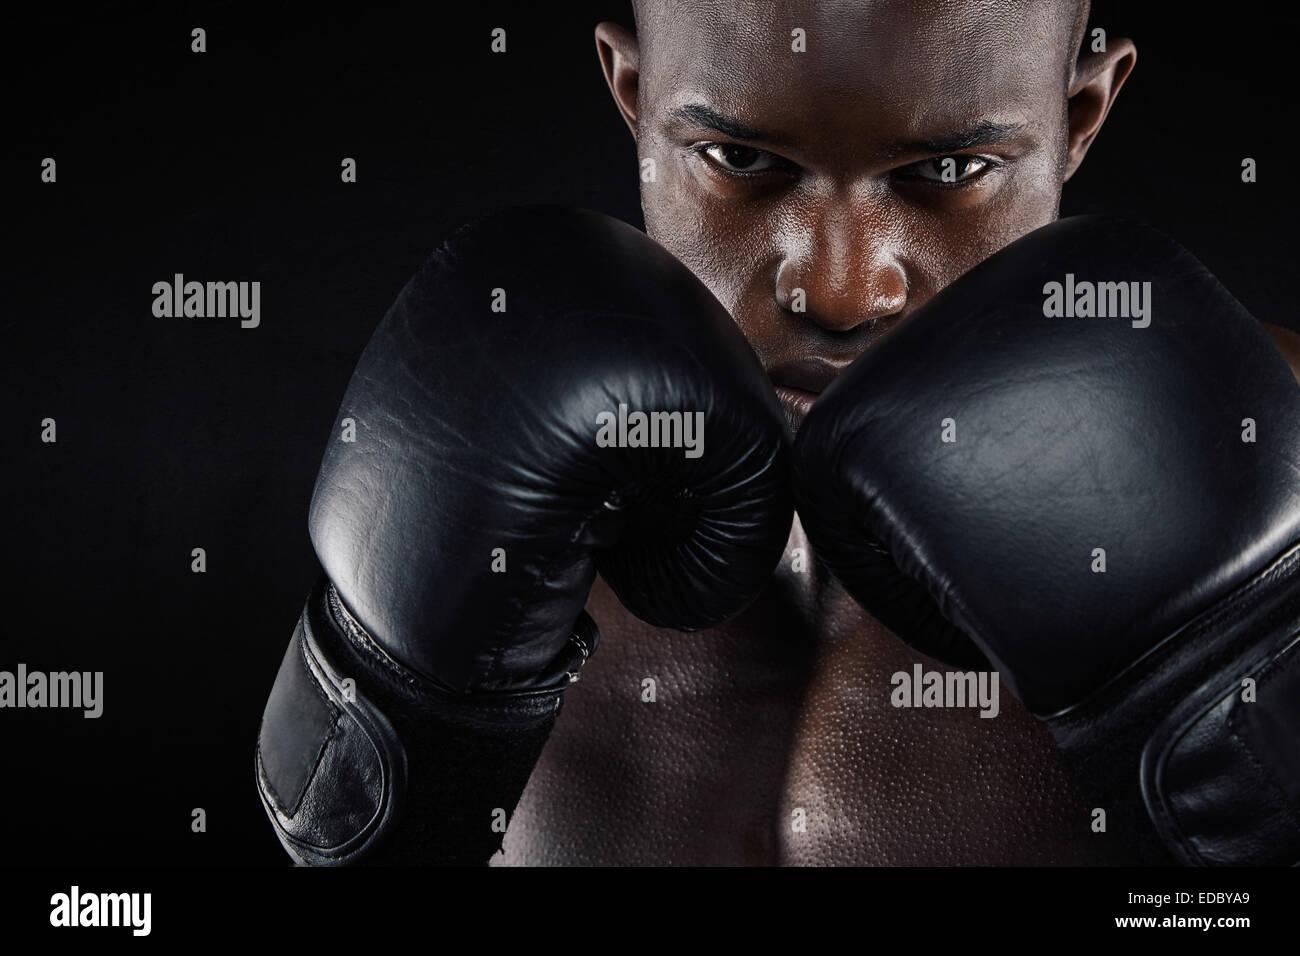 Portrait d'un jeune male boxer dans une position de combat sur fond noir. Jeune homme faisant l'exercice Photo Stock